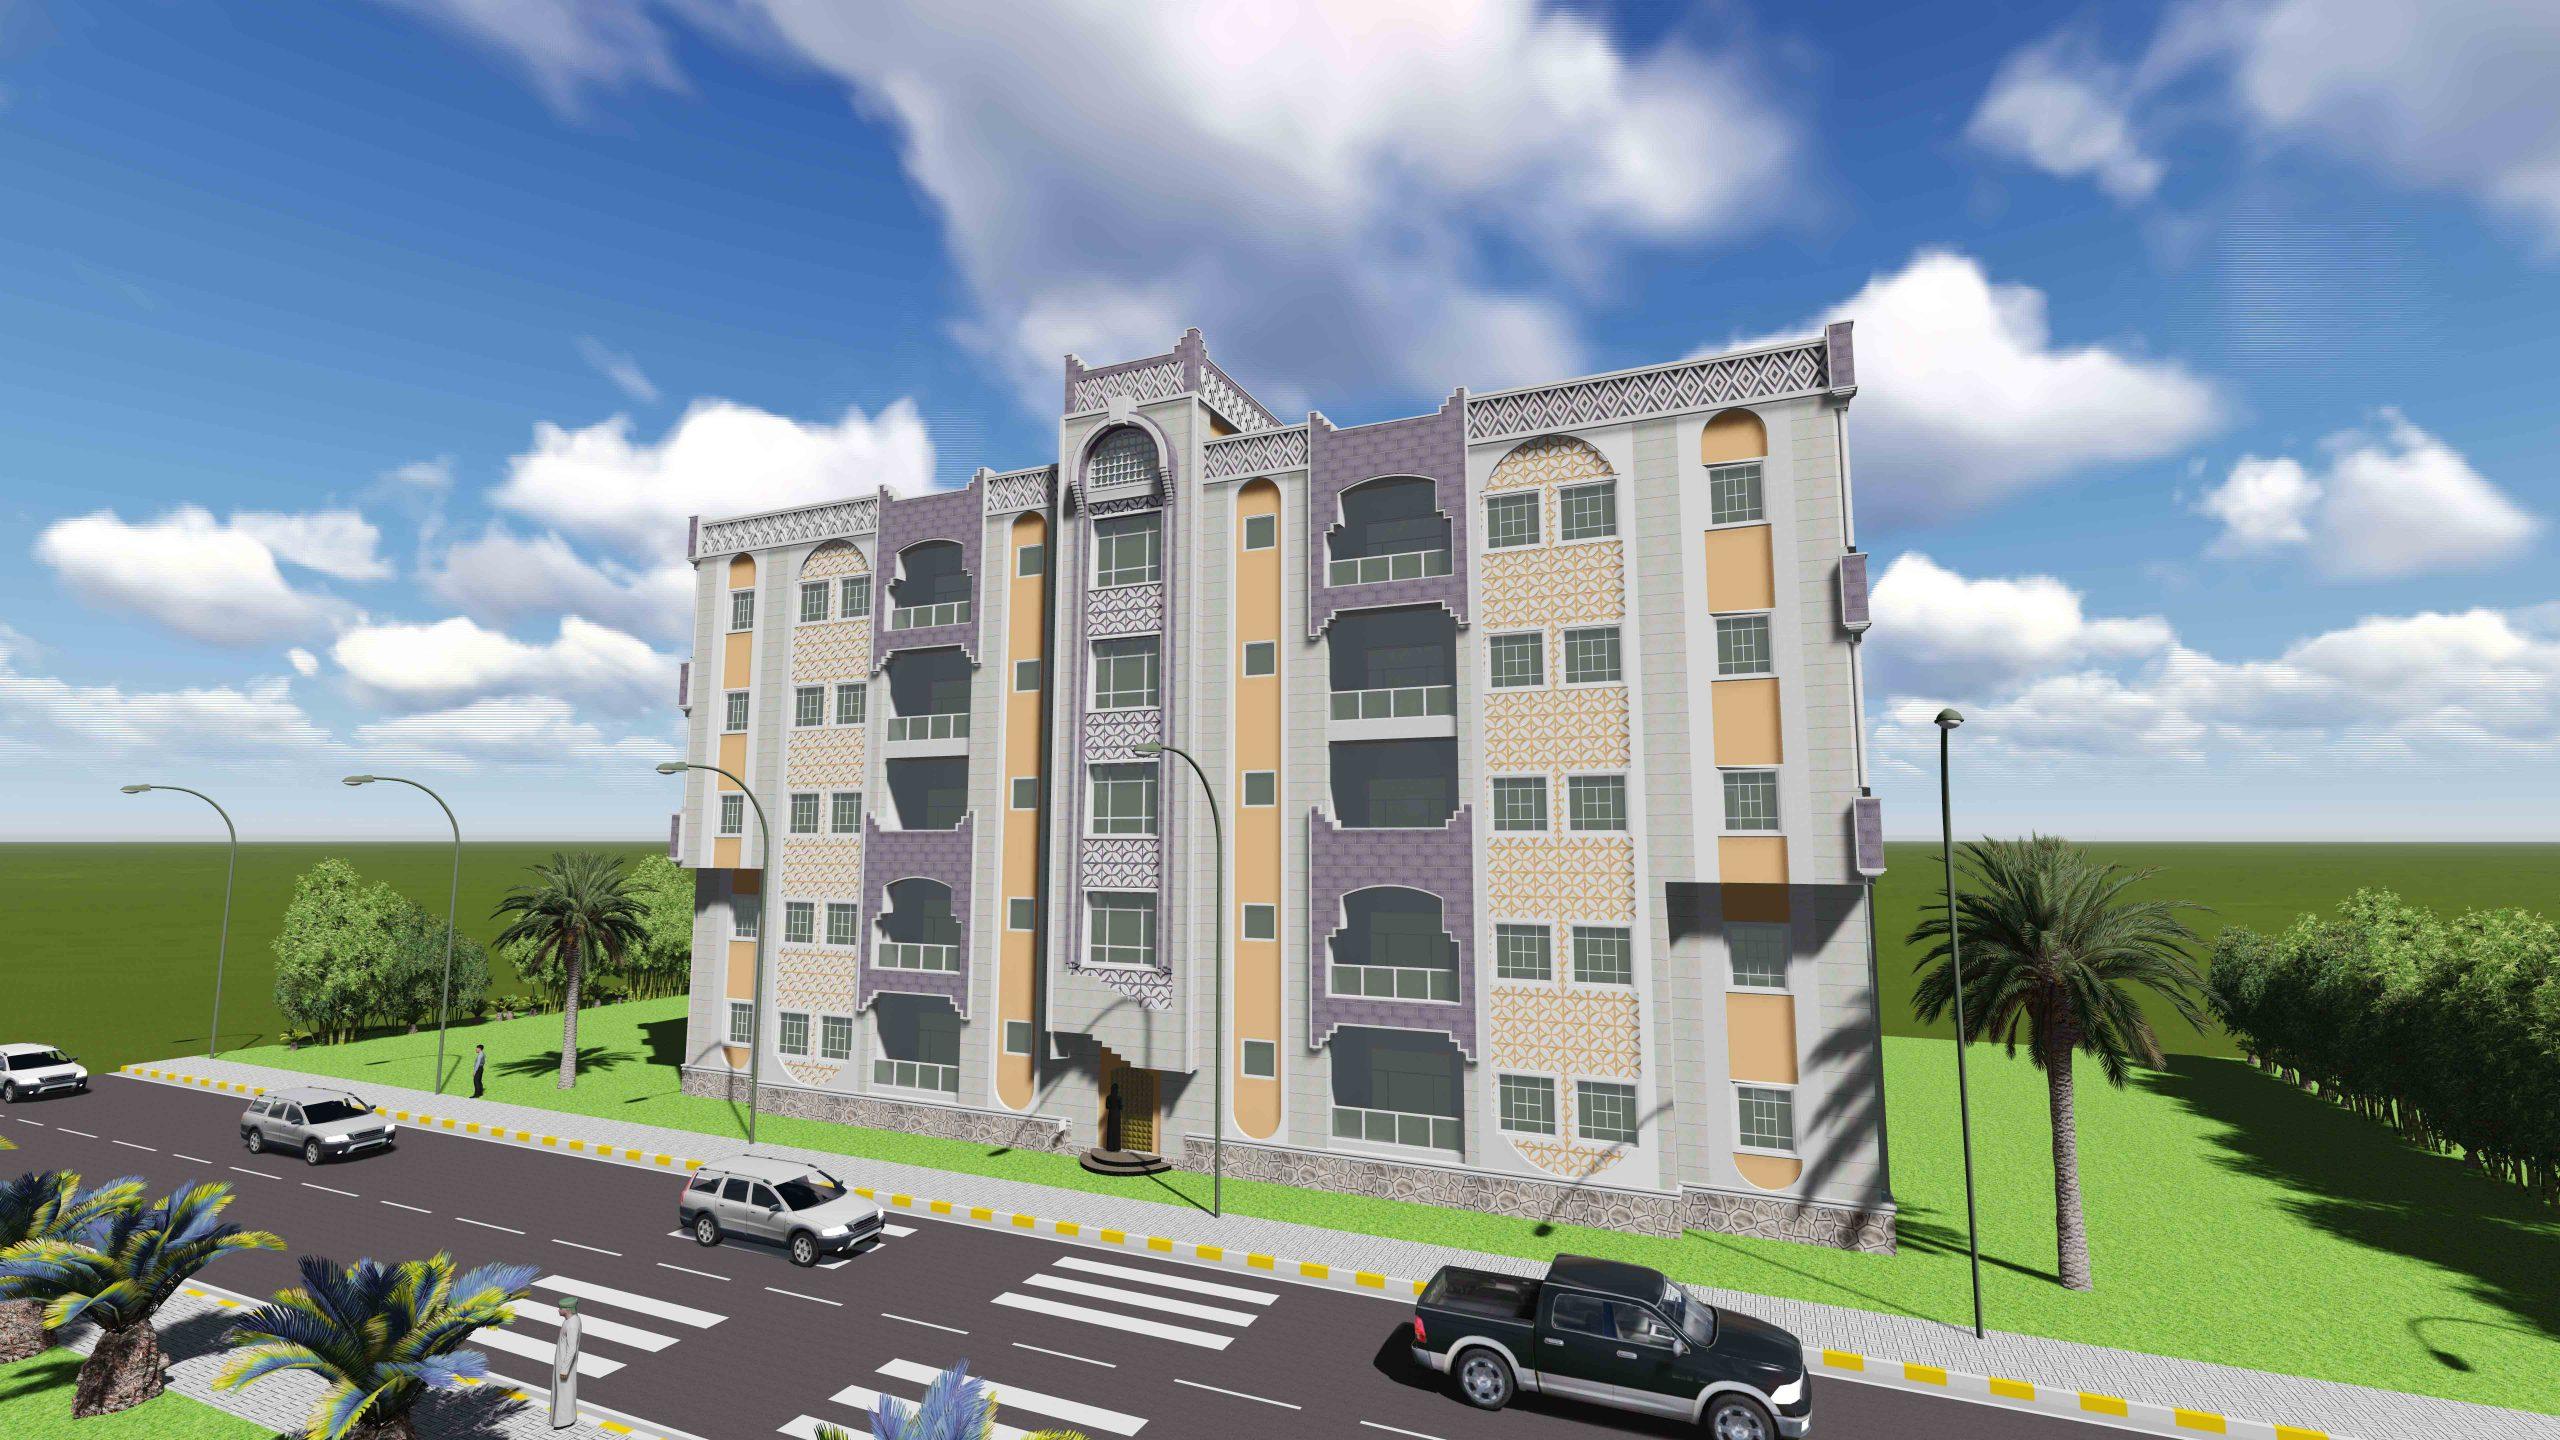 شقة سكنية(ملكية) مائة وتسعون متر مربع